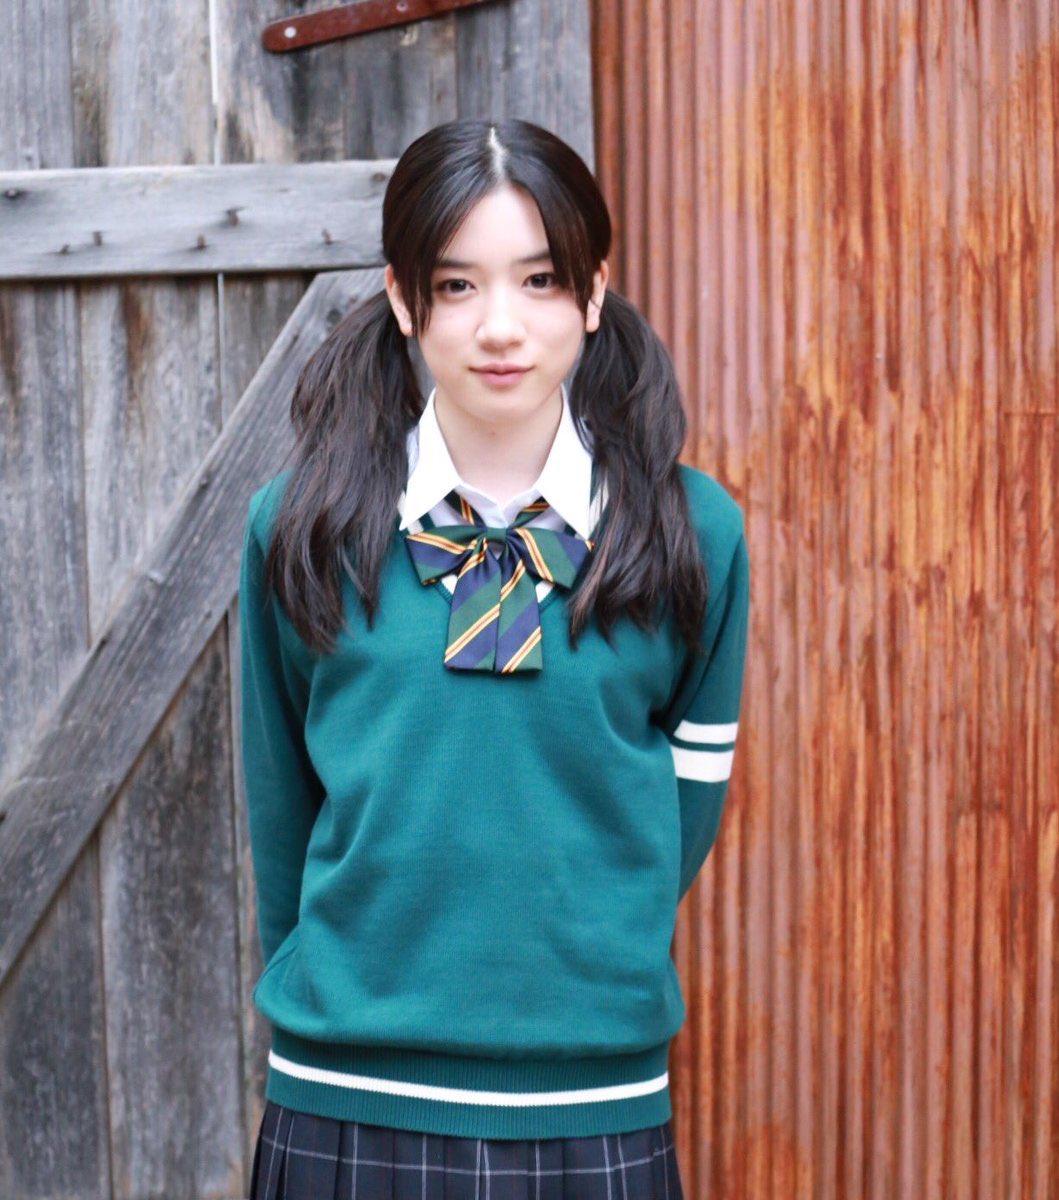 グリーン制服の永野芽郁